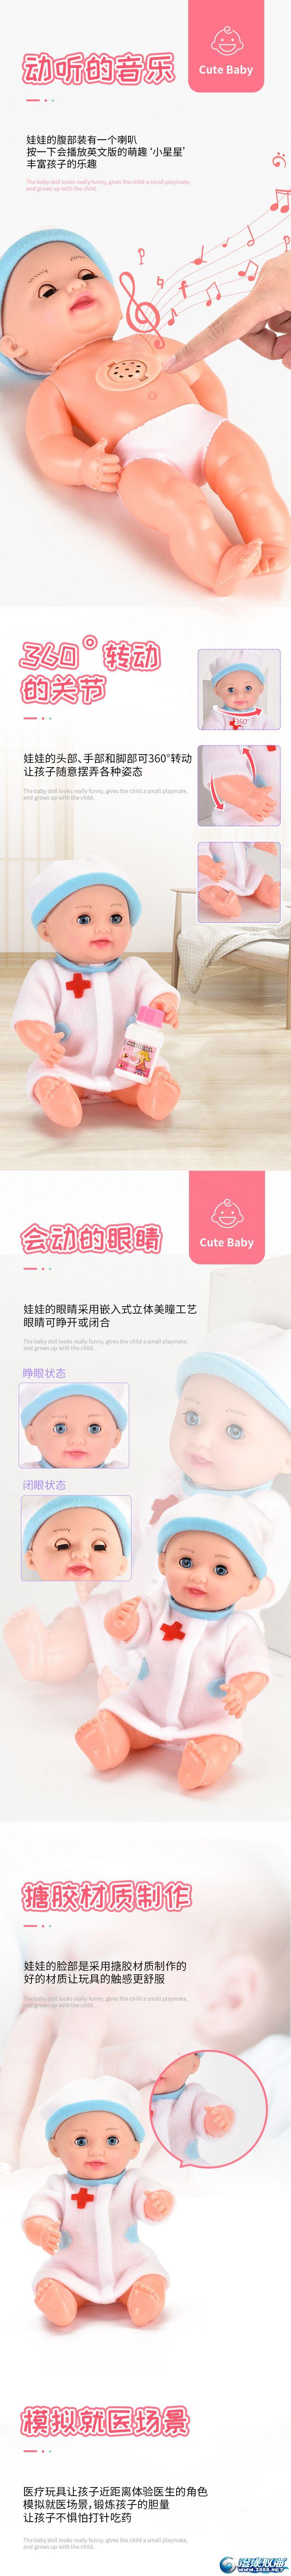 盛达玩具厂-(-0912W-29)-婴儿医疗套装-中文详情页_02.jpg